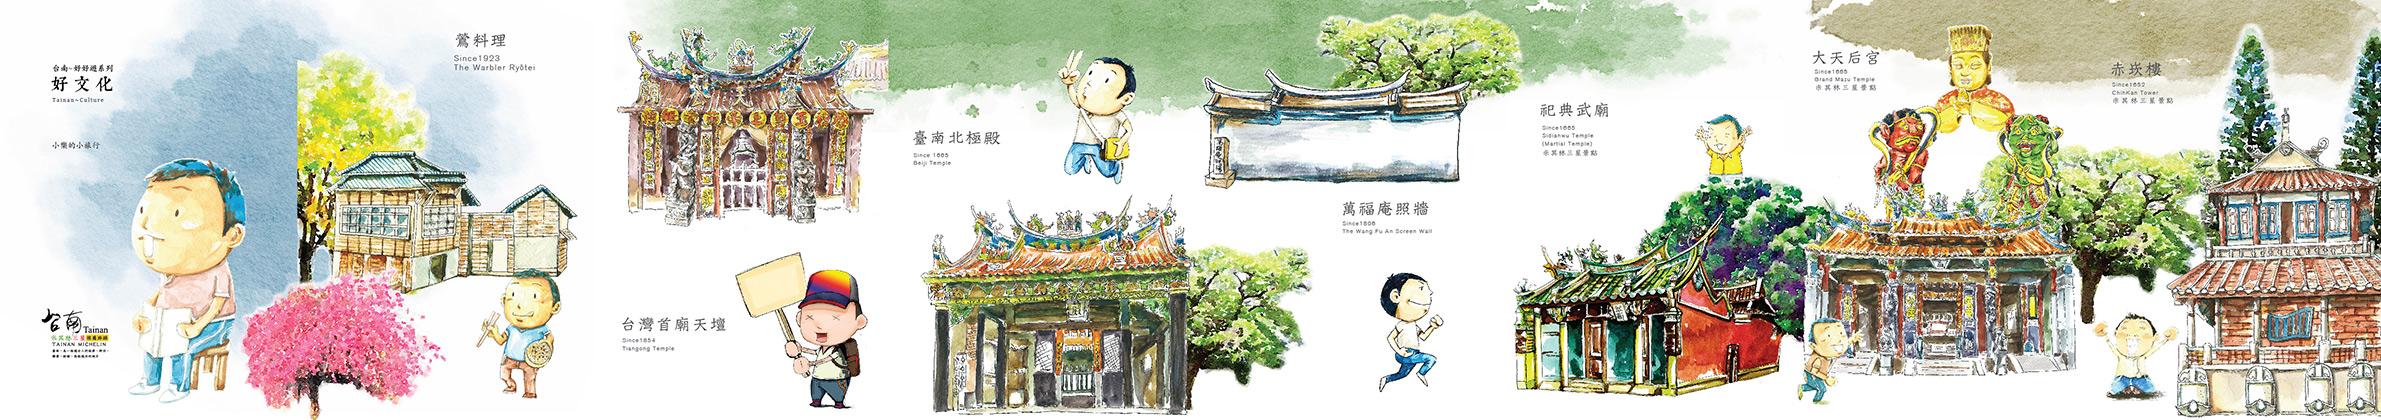 --好文化 -台南米其林小旅行明信片